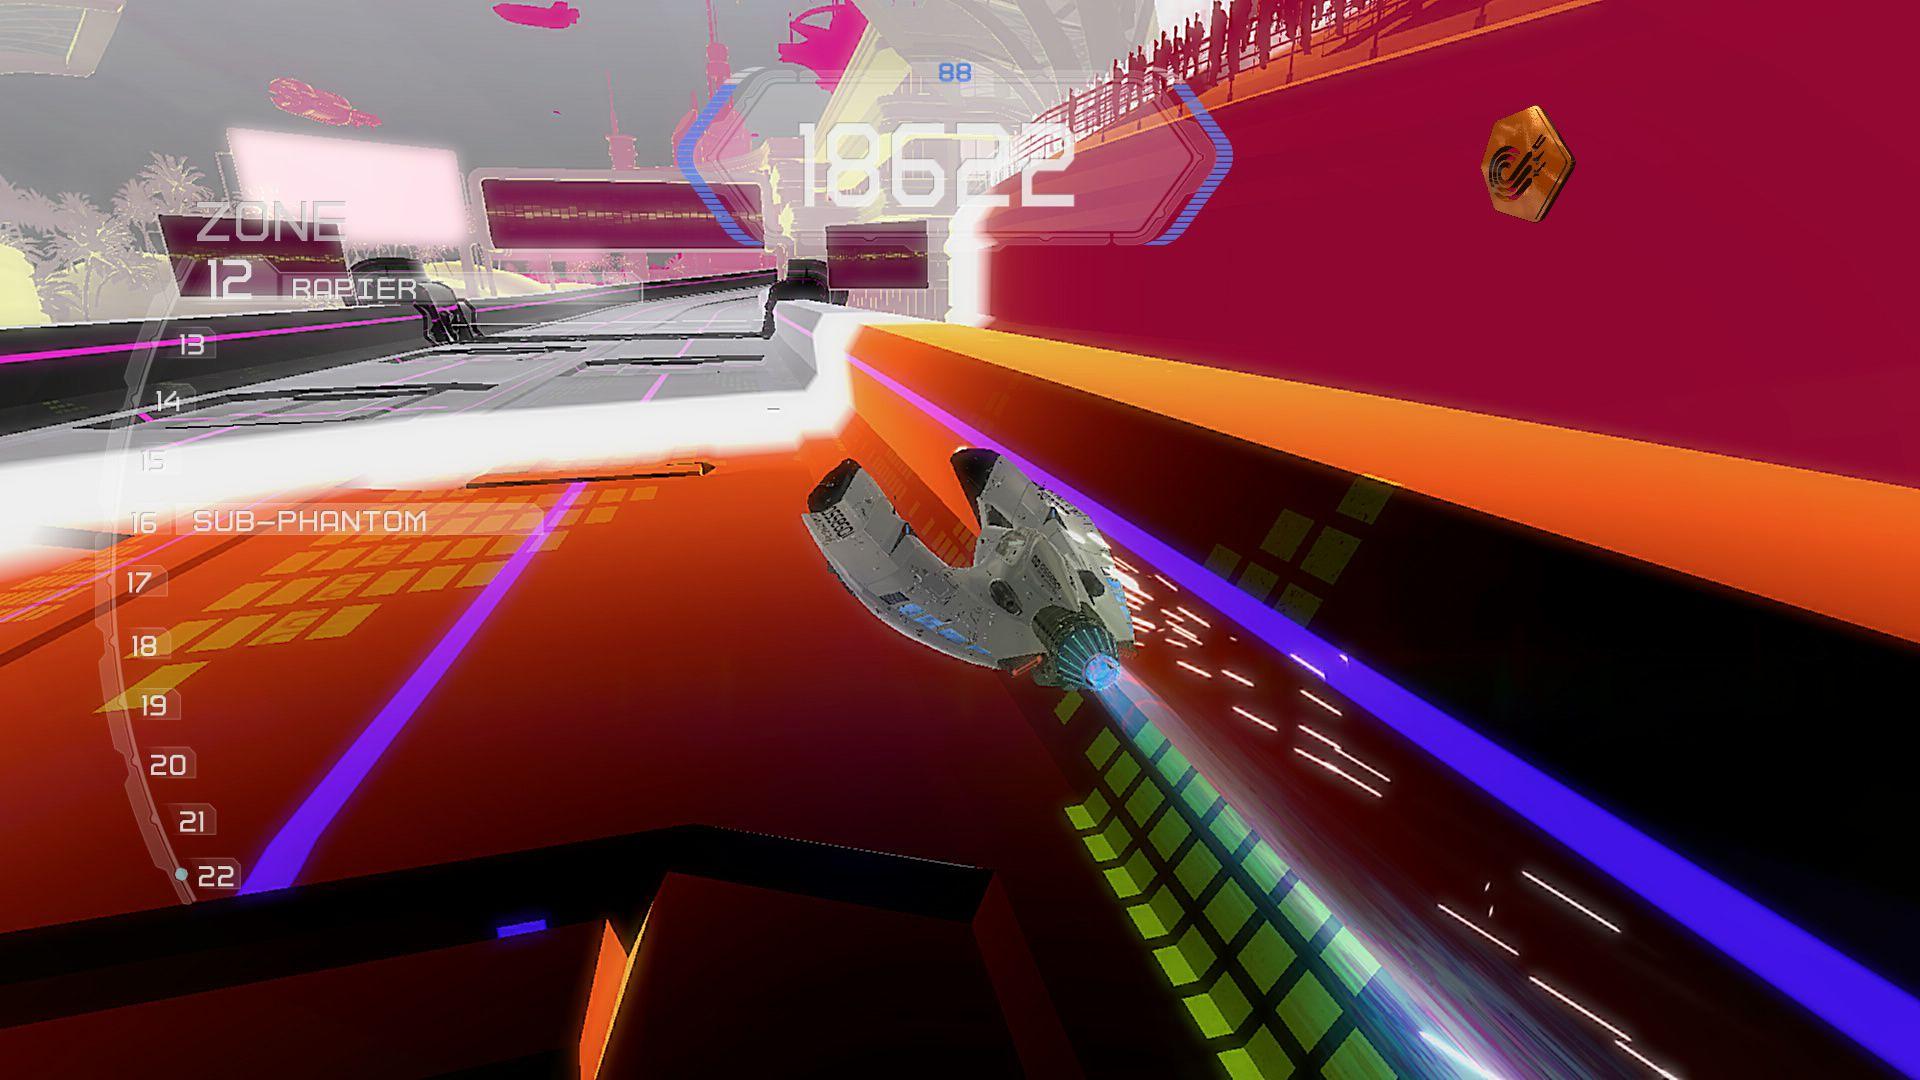 Pin di Deckard 977 su Videogames